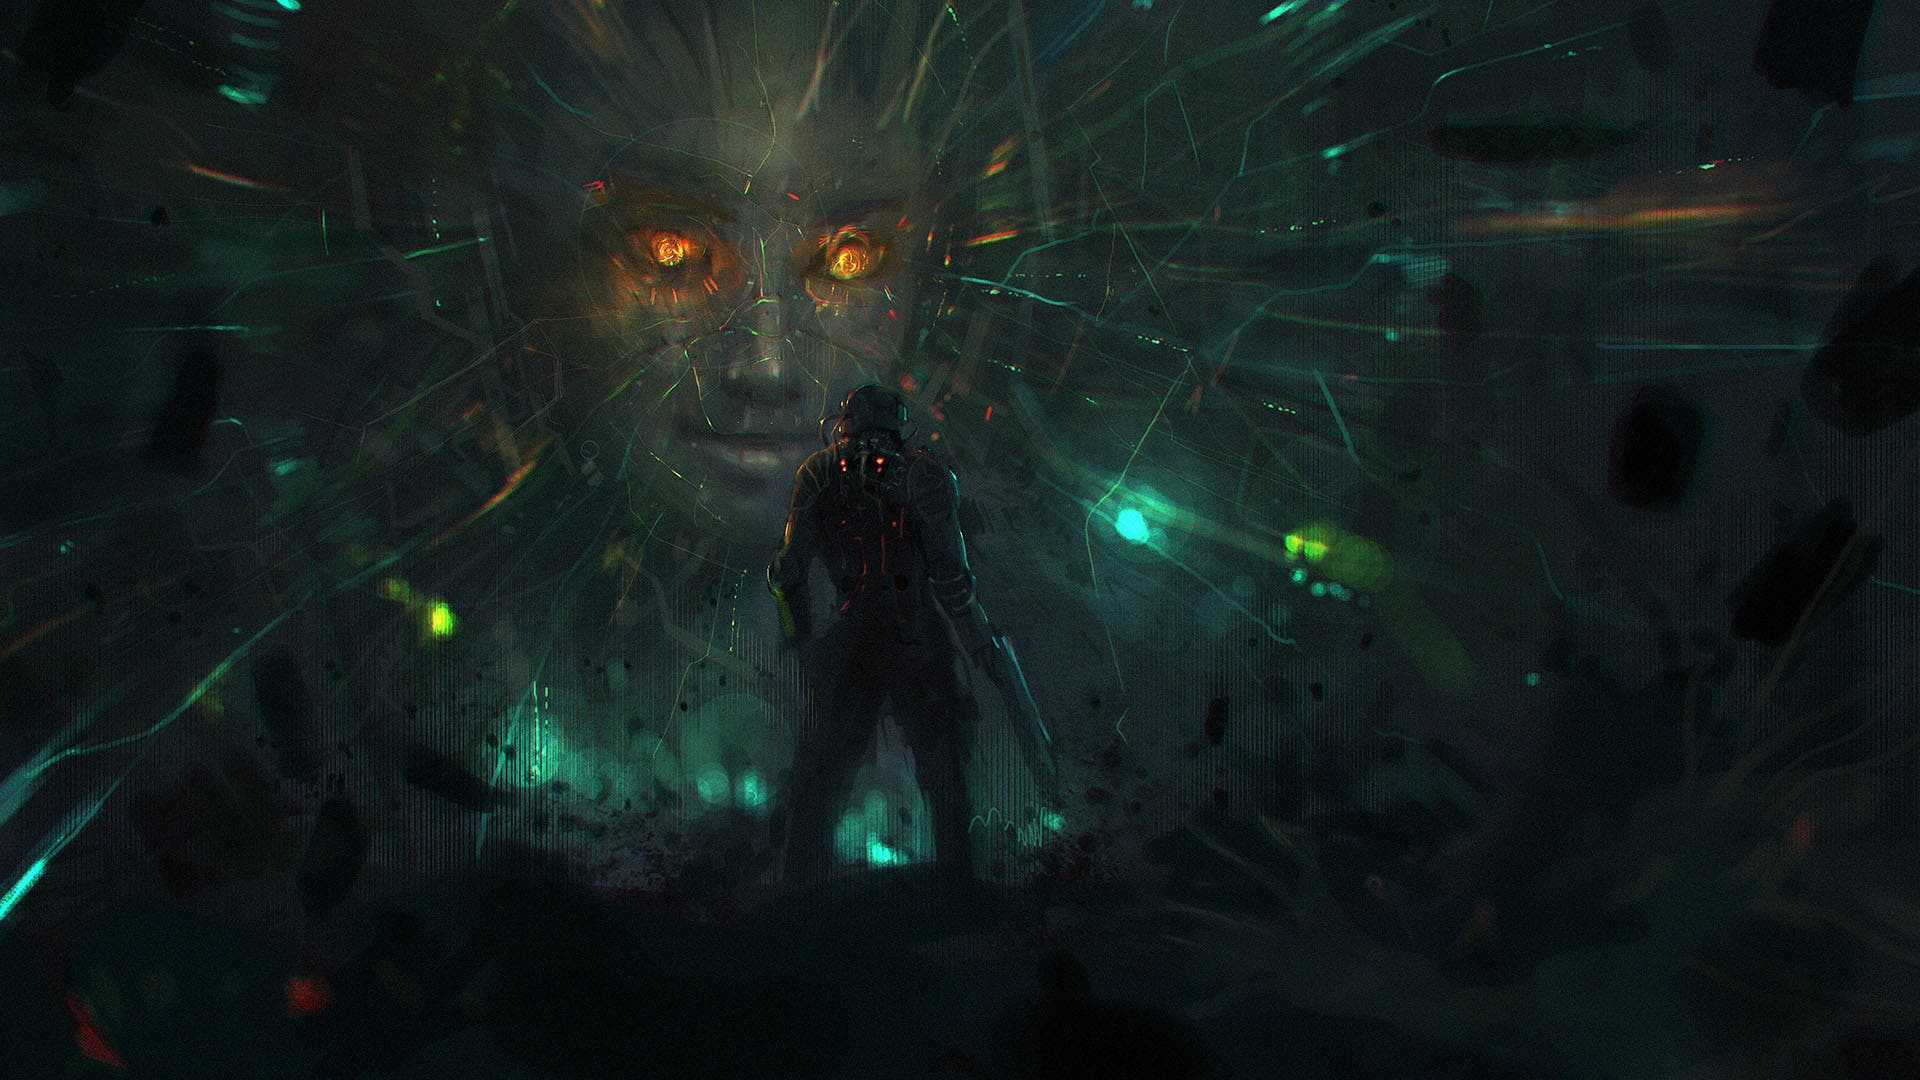 Todos los juegos de terror de Xbox Series X en 2020 (lista actualizada) 16